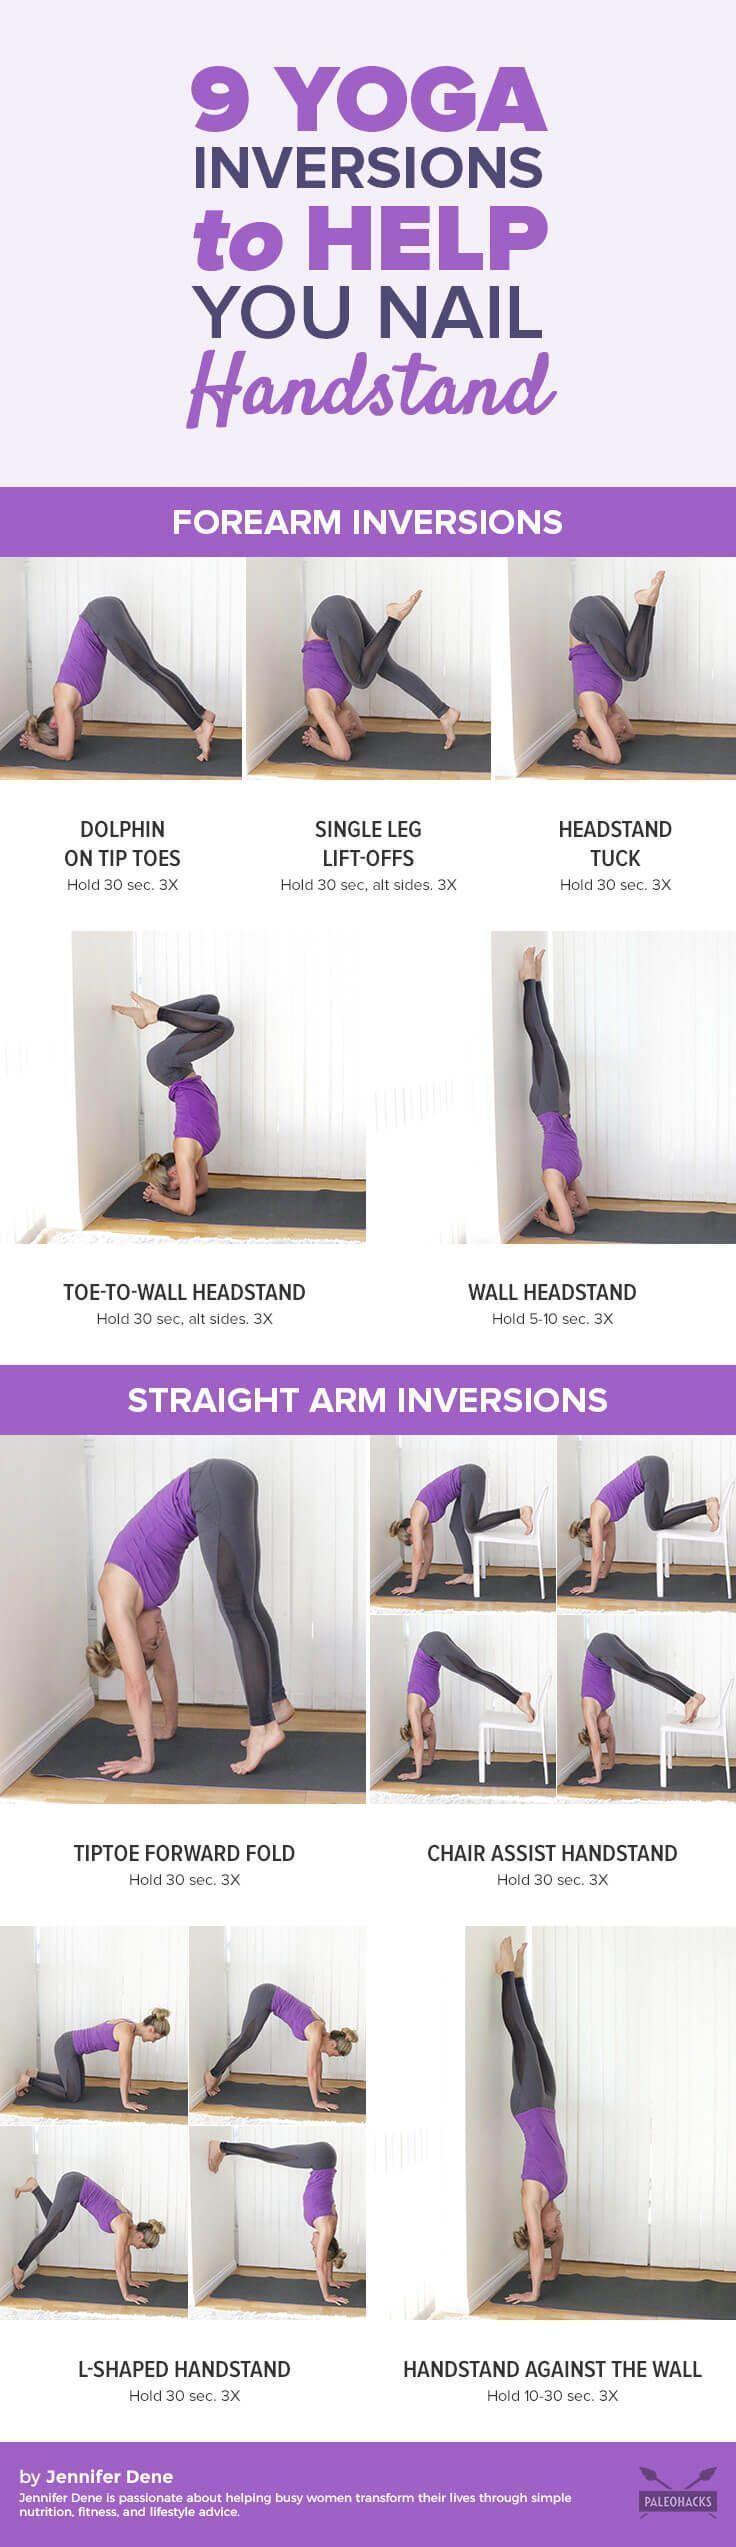 Eine Schritt-für-Schritt-Anleitung zum sicheren Nageln eines Handstandes - Yoga & Fitness  Eine Schr...